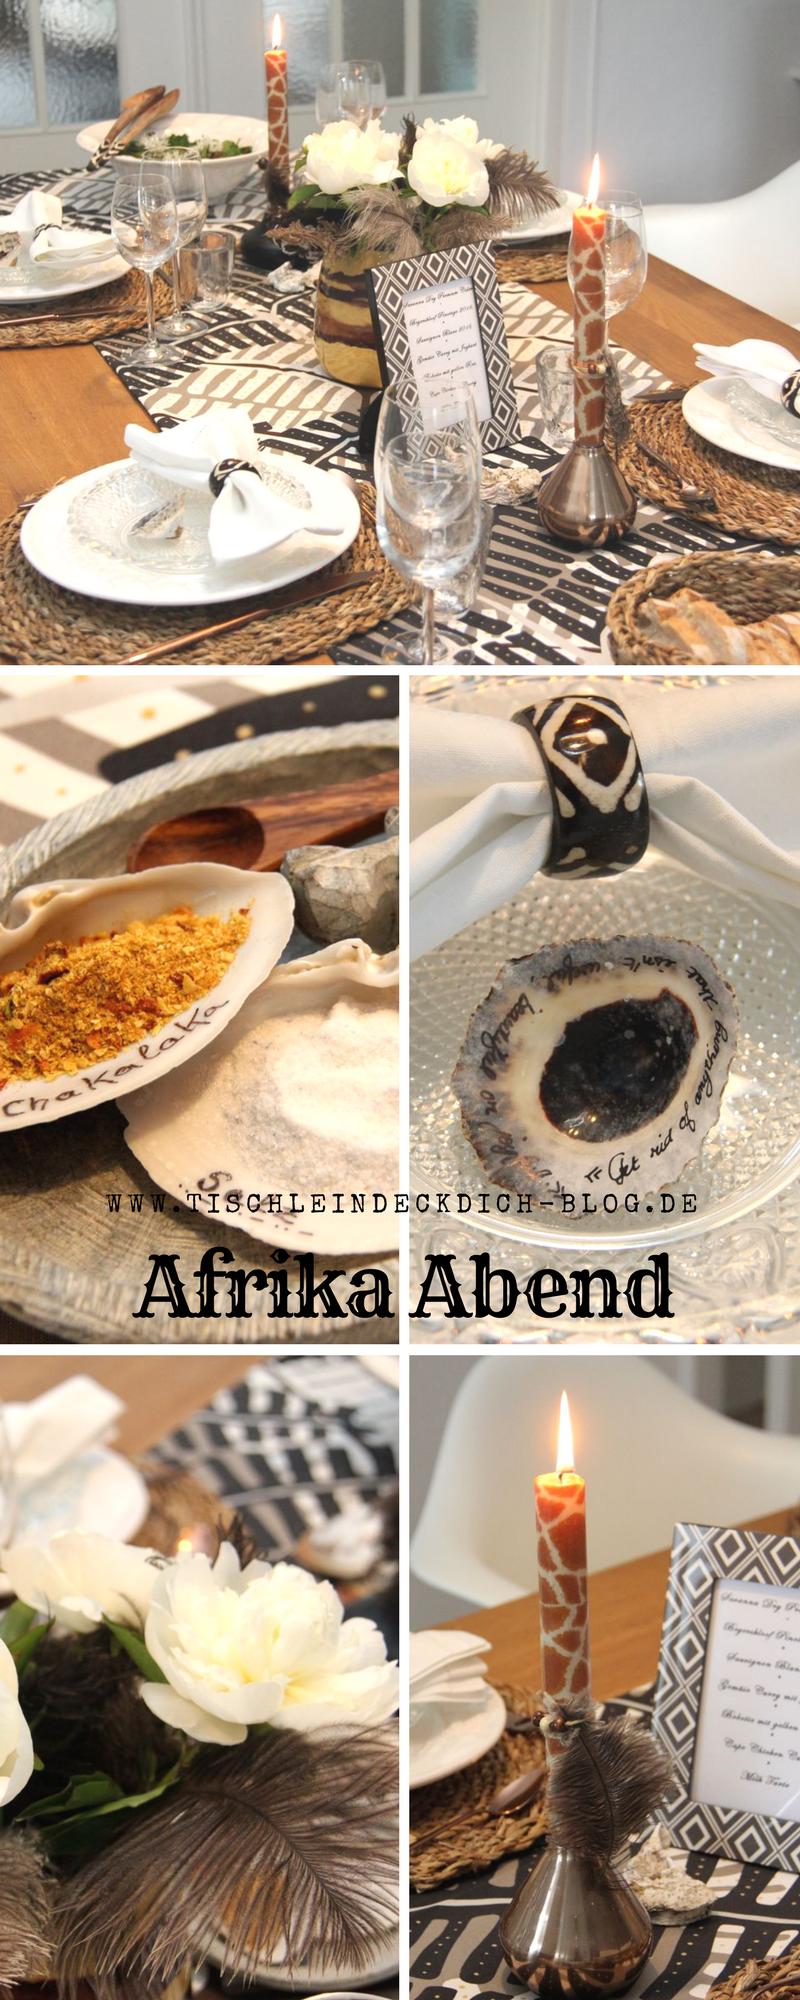 Eine Afrikanische Tischdekoration Und Unsere Liebe Zu Südafrika Tischlein Deck Dich Tischdekoration Dekoration Tisch